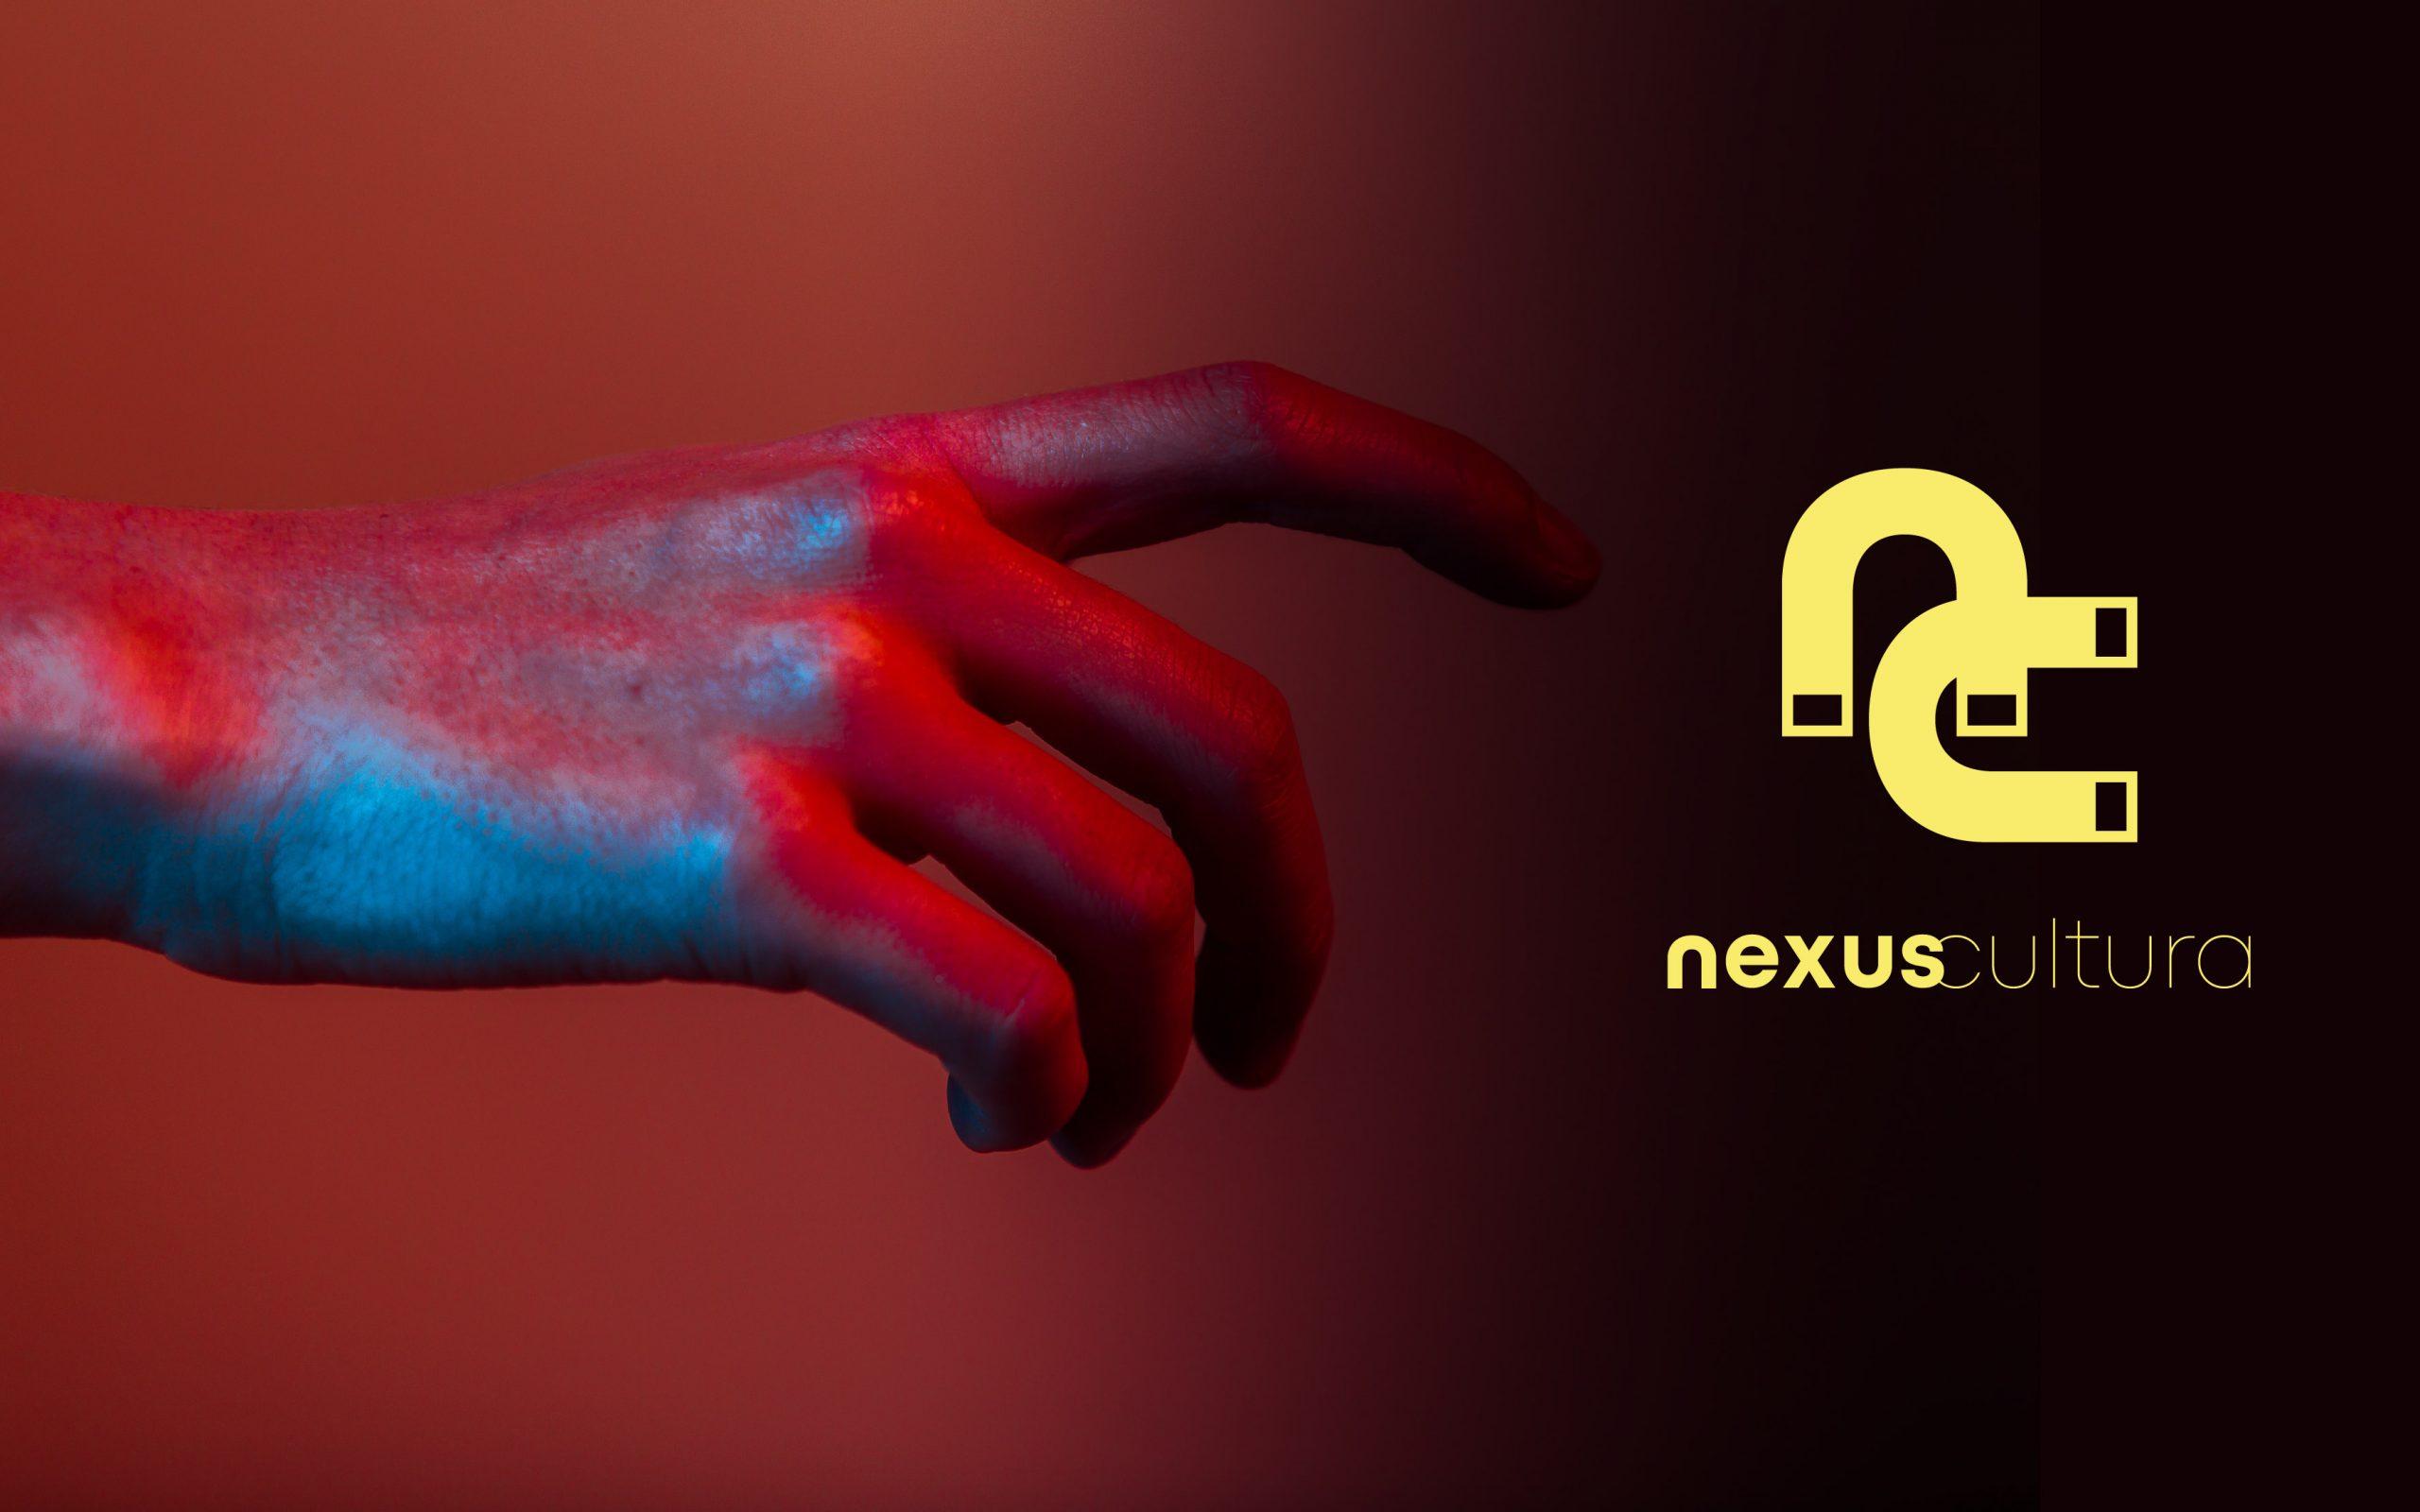 NEXUS CULTURA - първата дигитална платформа за независими артисти 137